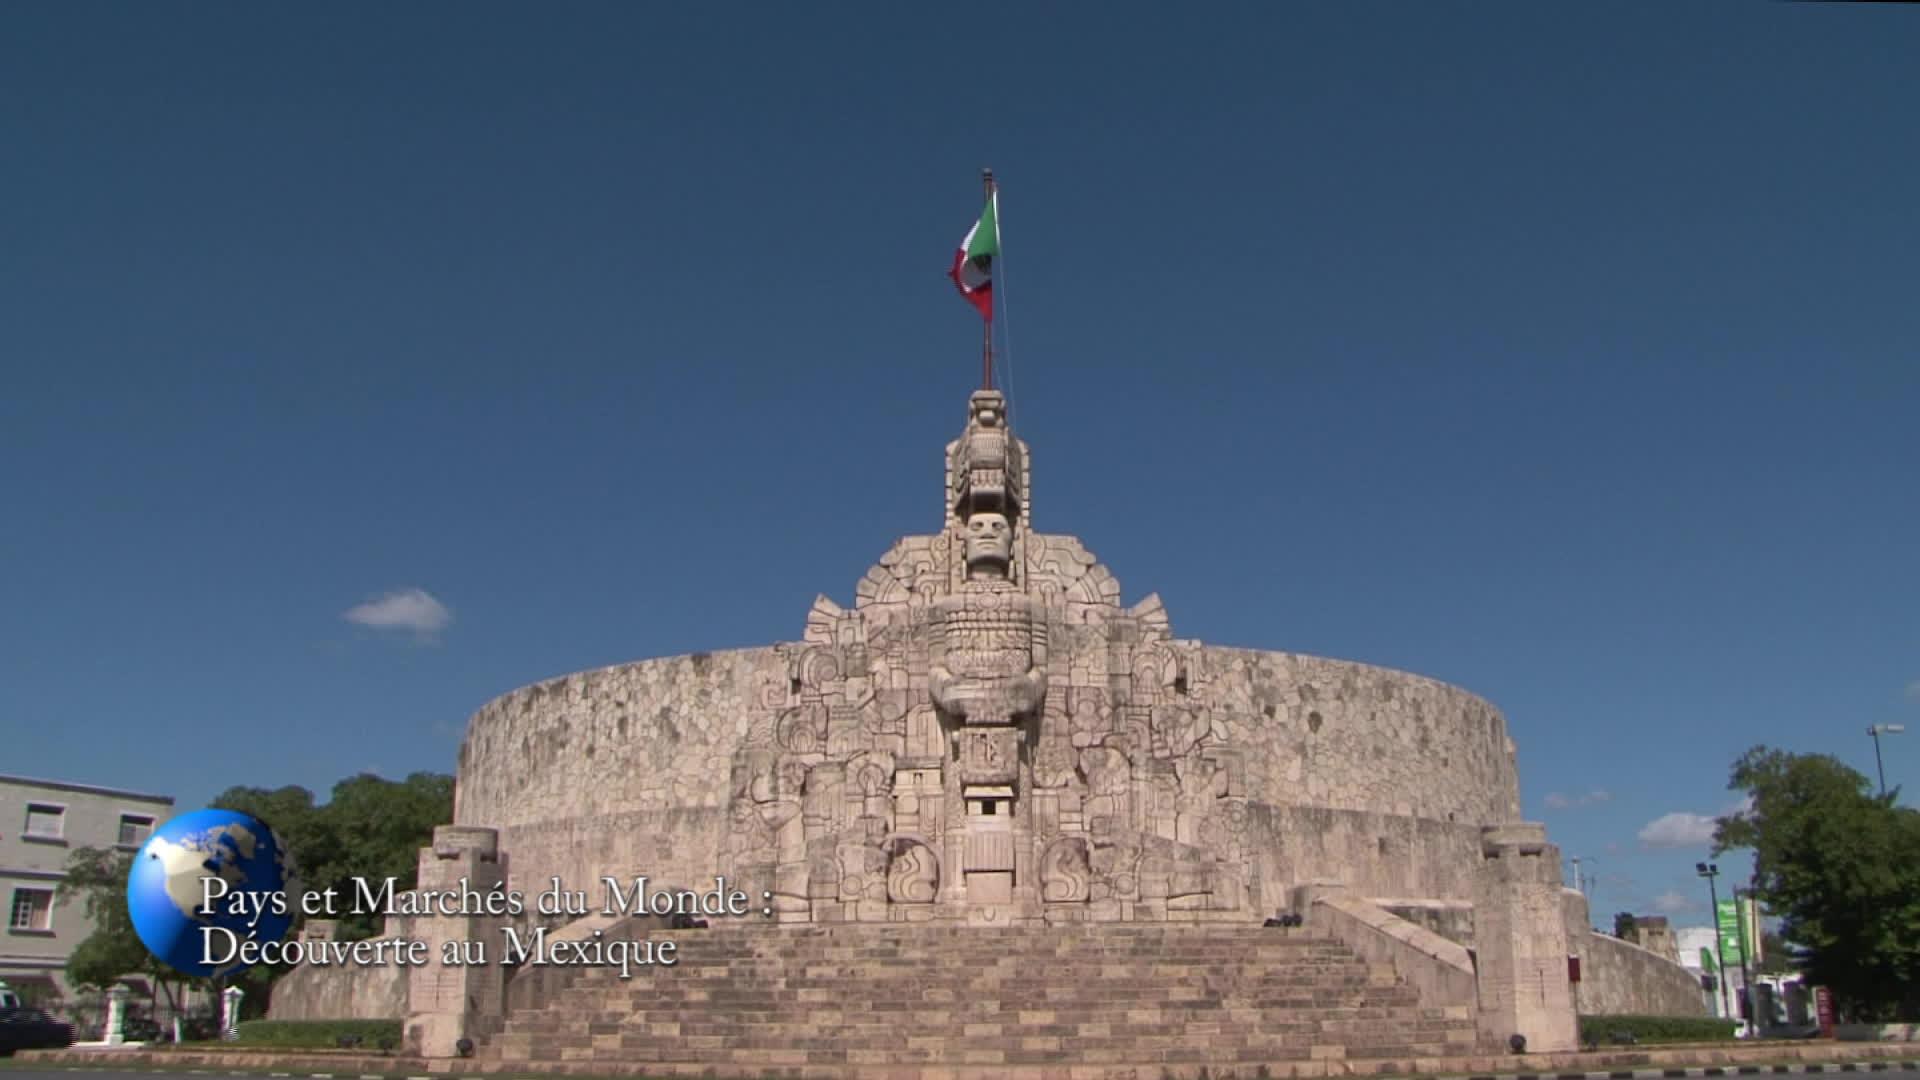 PAYS ET MARCHES DU MONDE-EP019-YUCATAN_MEXIQUE